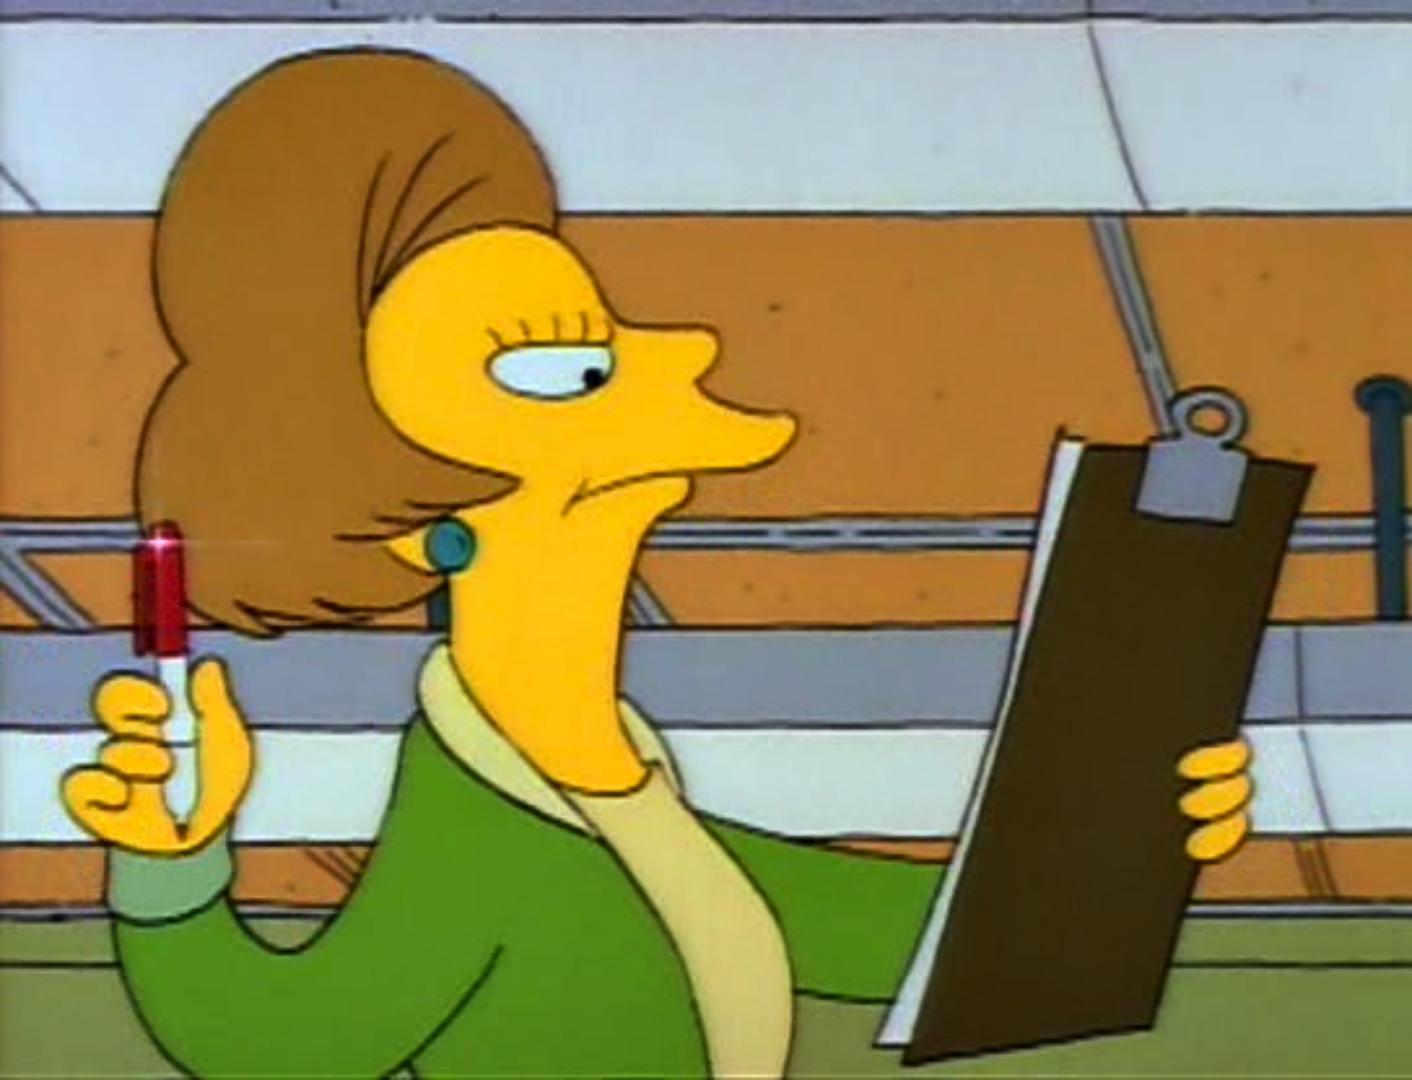 Bart Fucks Milhouse bart simpson | claws of love